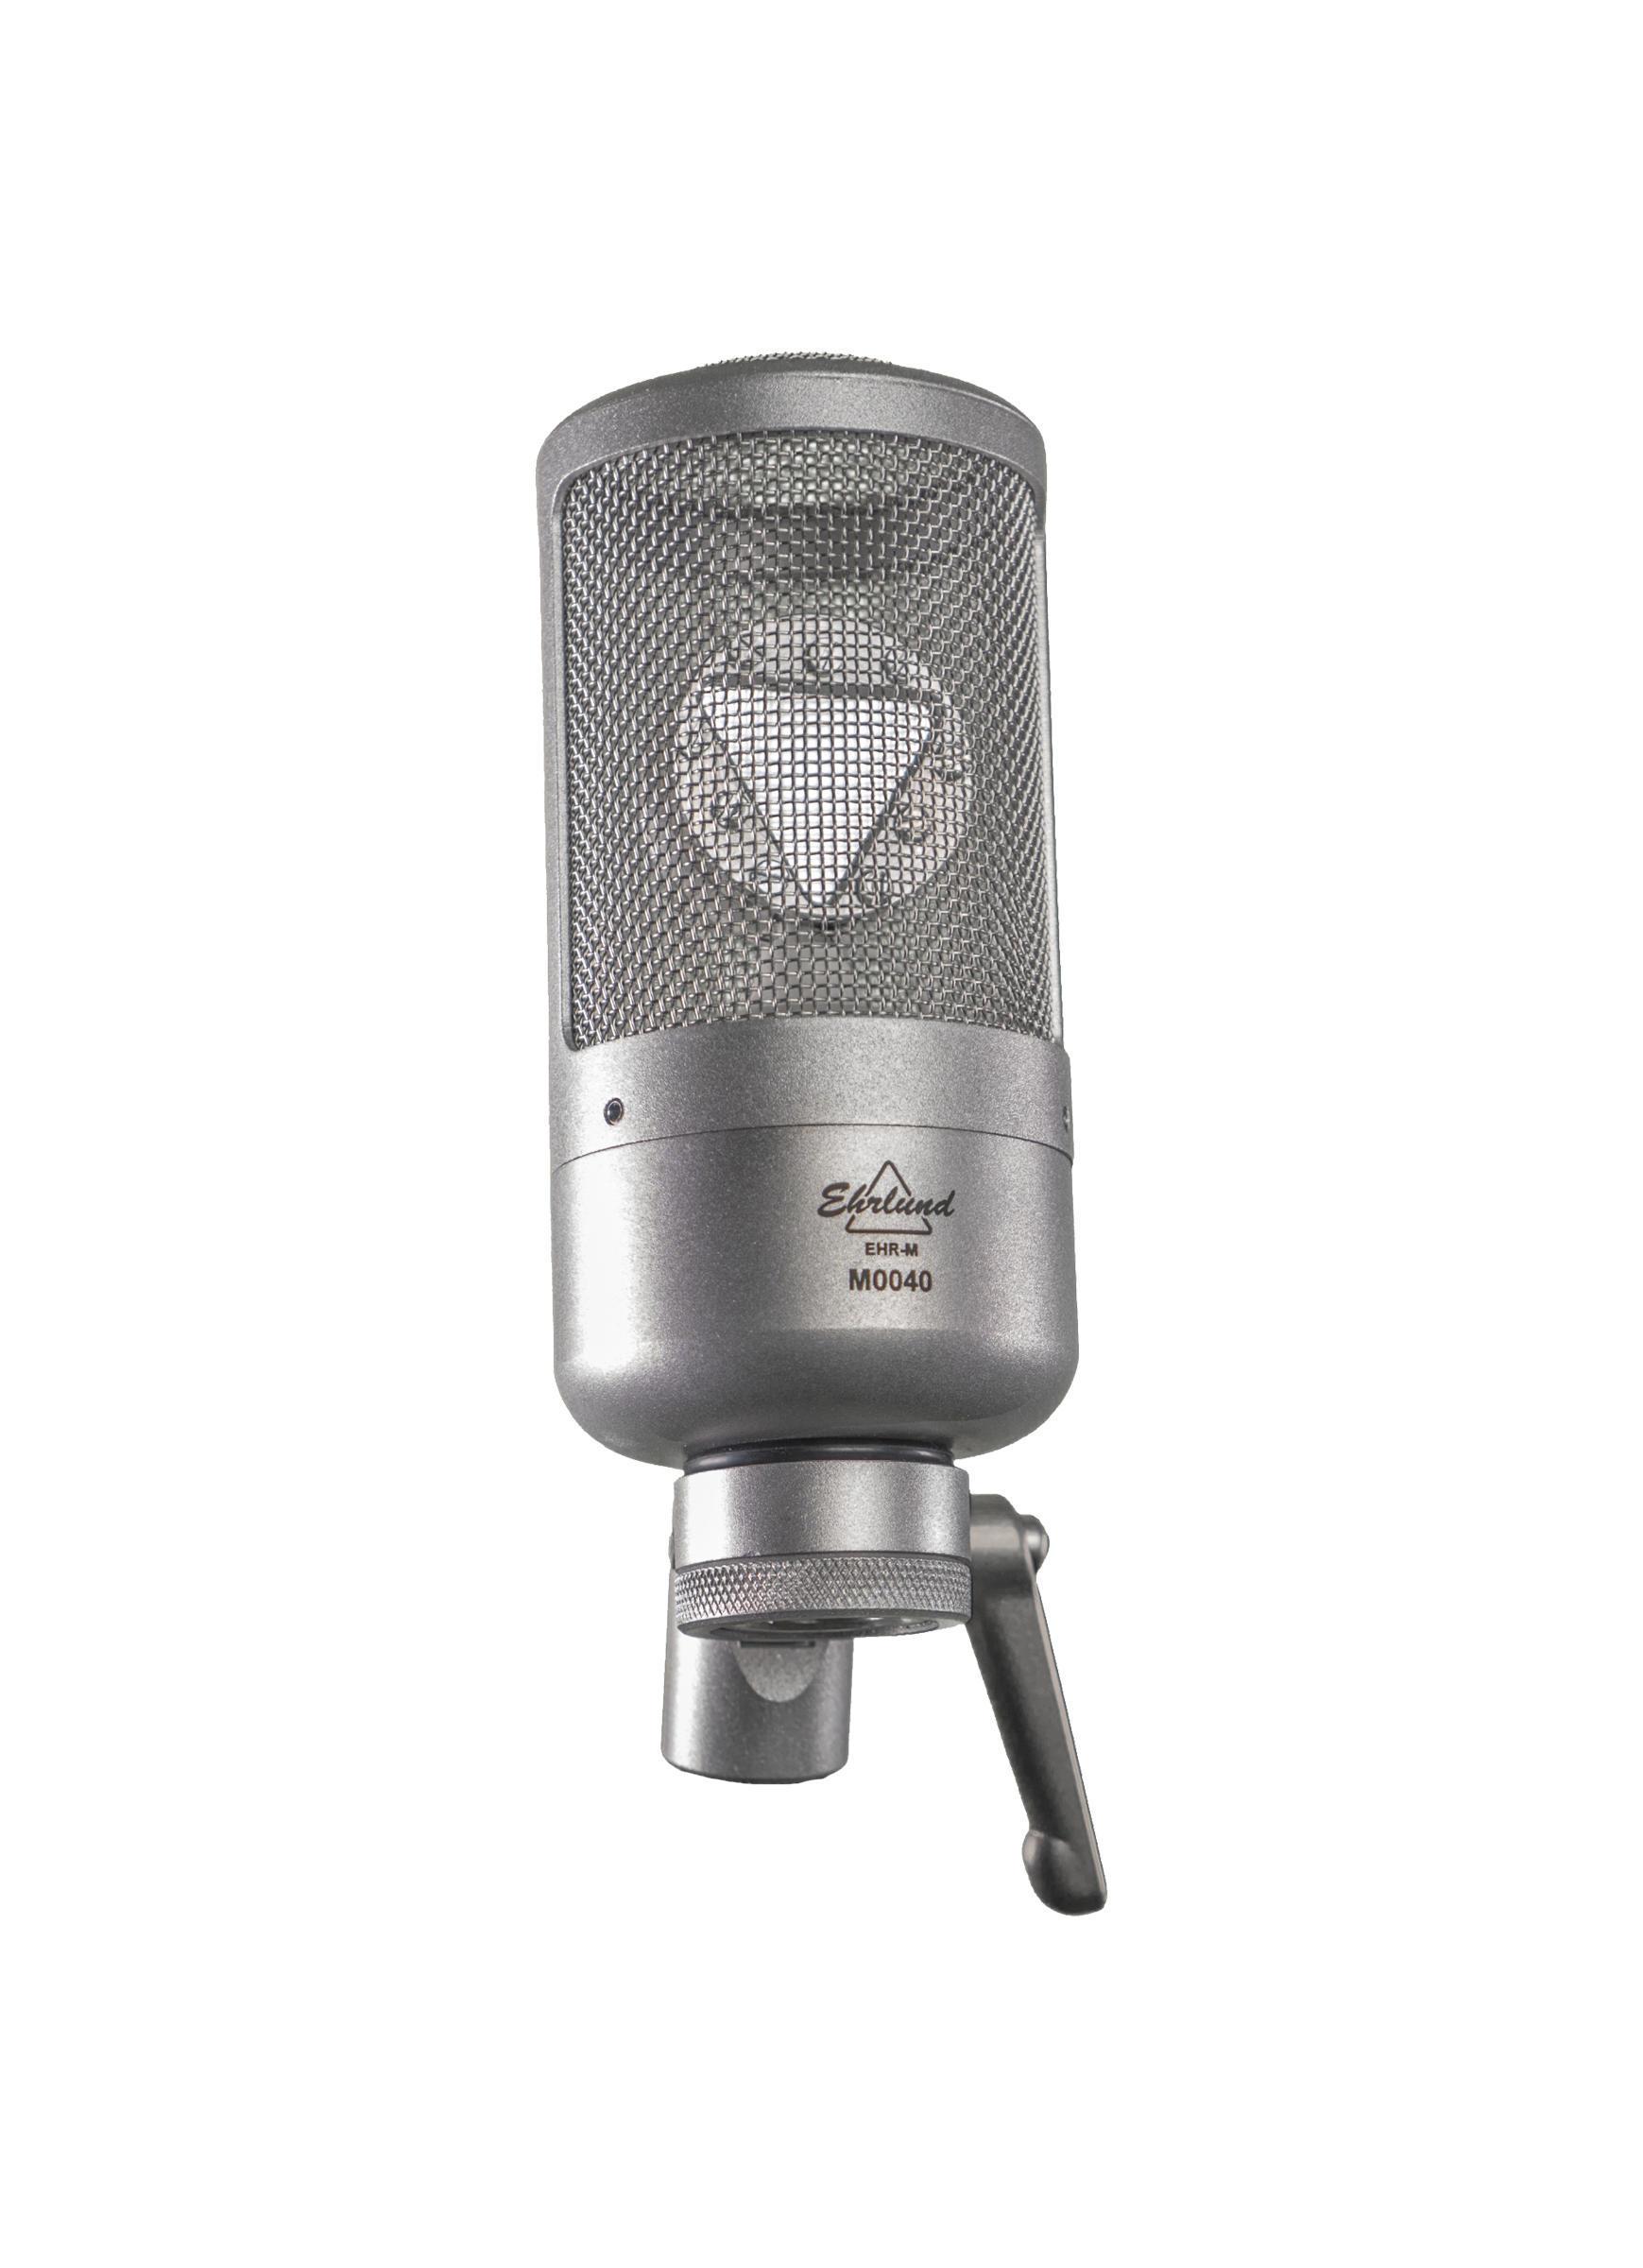 Ehrlund Microphones,EHR-M 画像